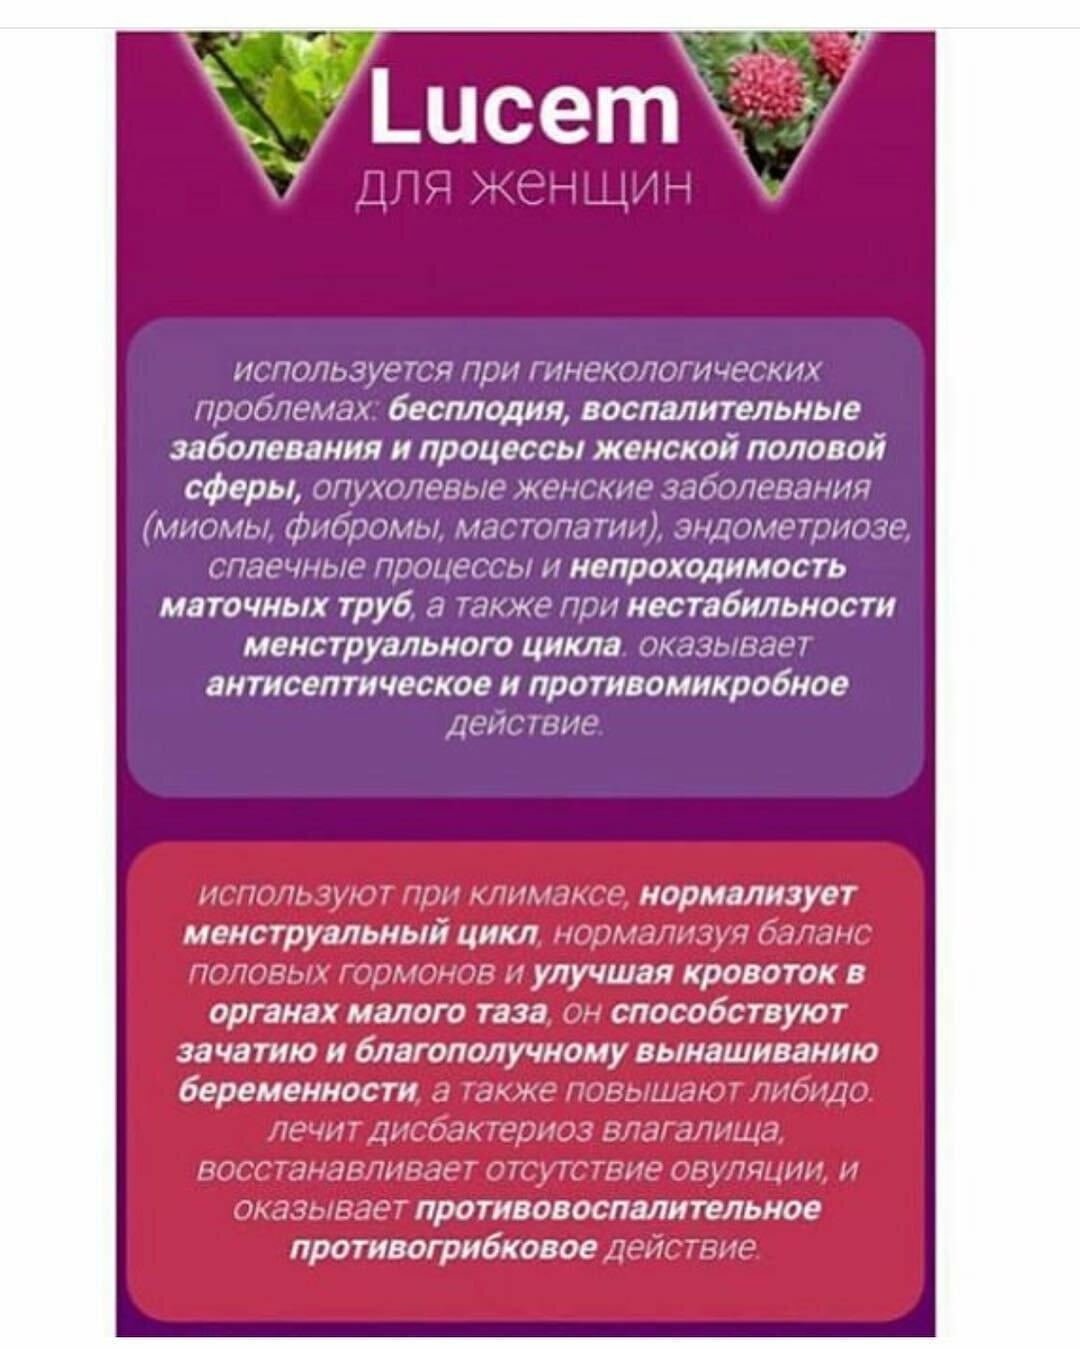 Lucem - для женского здоровья в Александрии